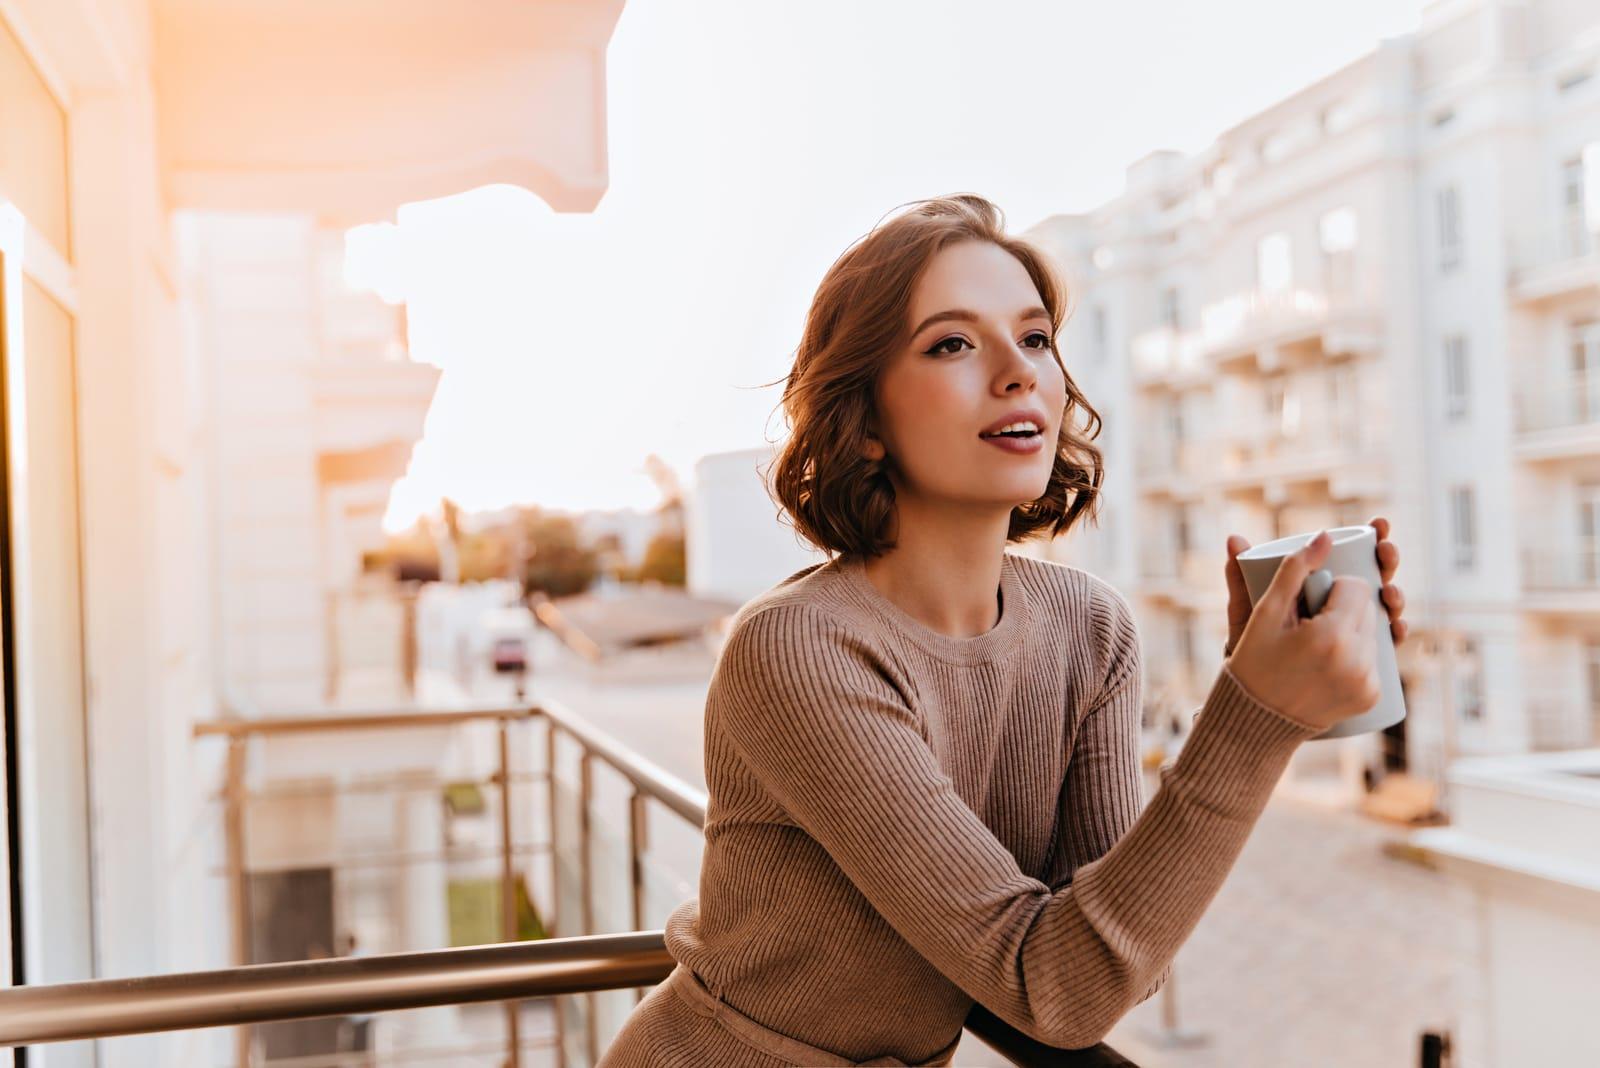 woman drinking tea at balcony